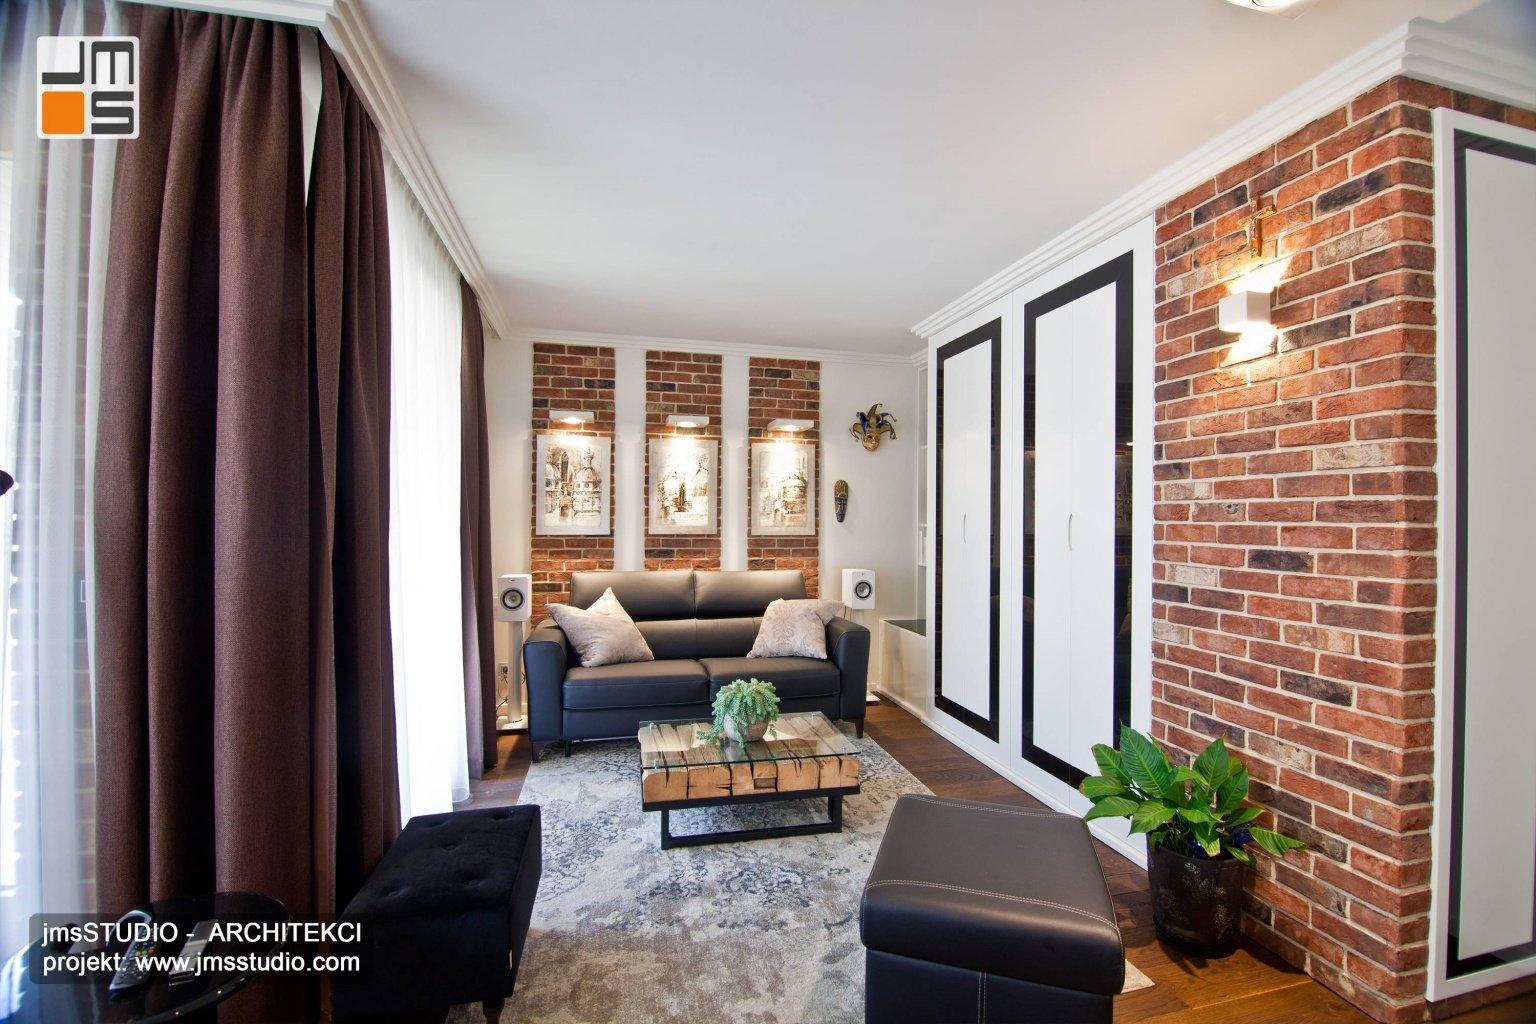 Bardzo eleganckie wnętrze salonu z cegłą lakierowaną szafą i wełnianym dywanem we wnętrzu to pomysł na aranżacje wnętrz  salonu